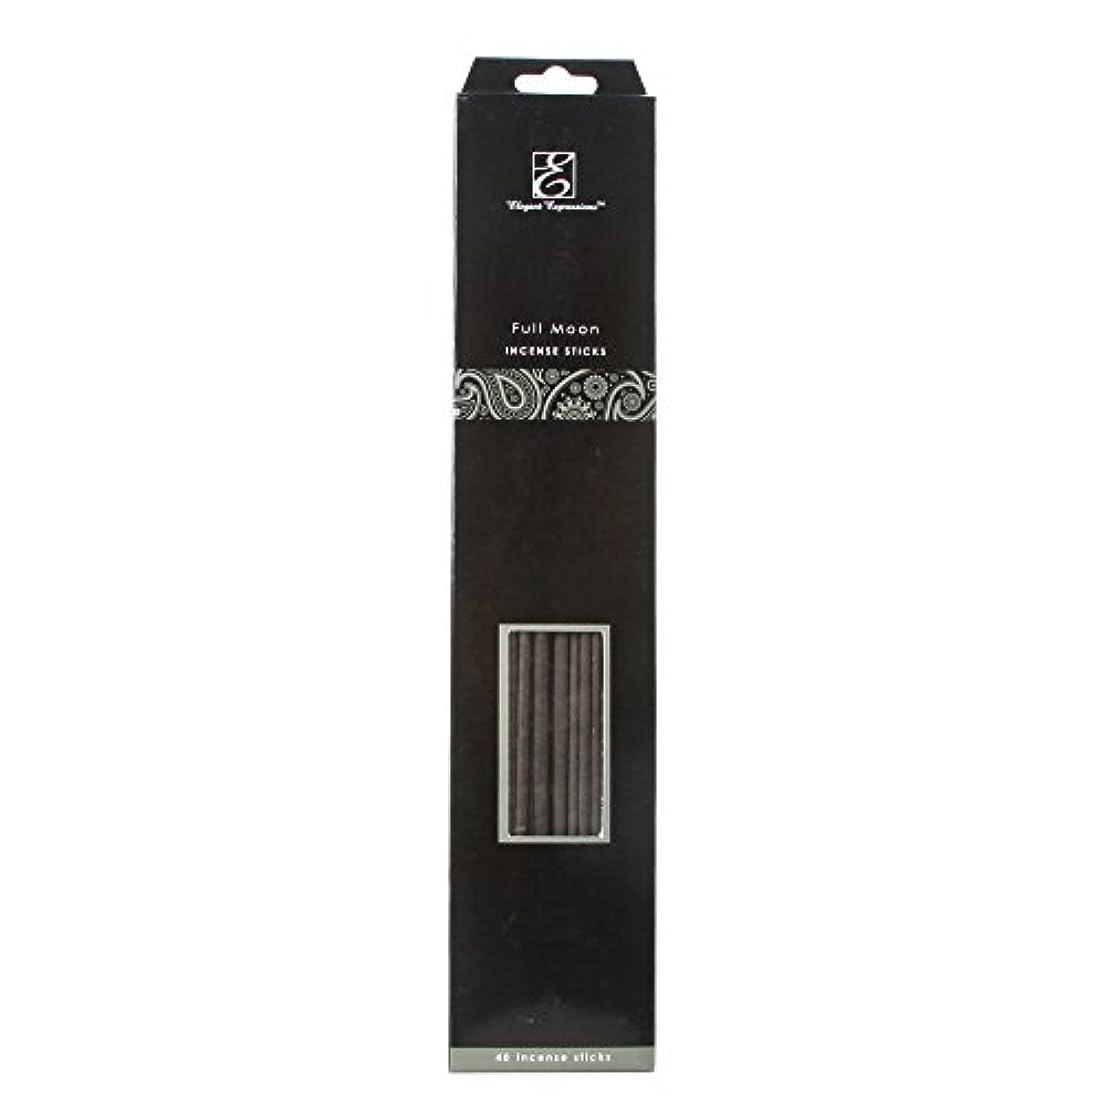 本部死傷者愛情Hosley 's Highly Fragranced Full Moon Incense Sticks 240パック、Infused with Essential Oils。理想的なギフト、ウェディング、特別なイベント...